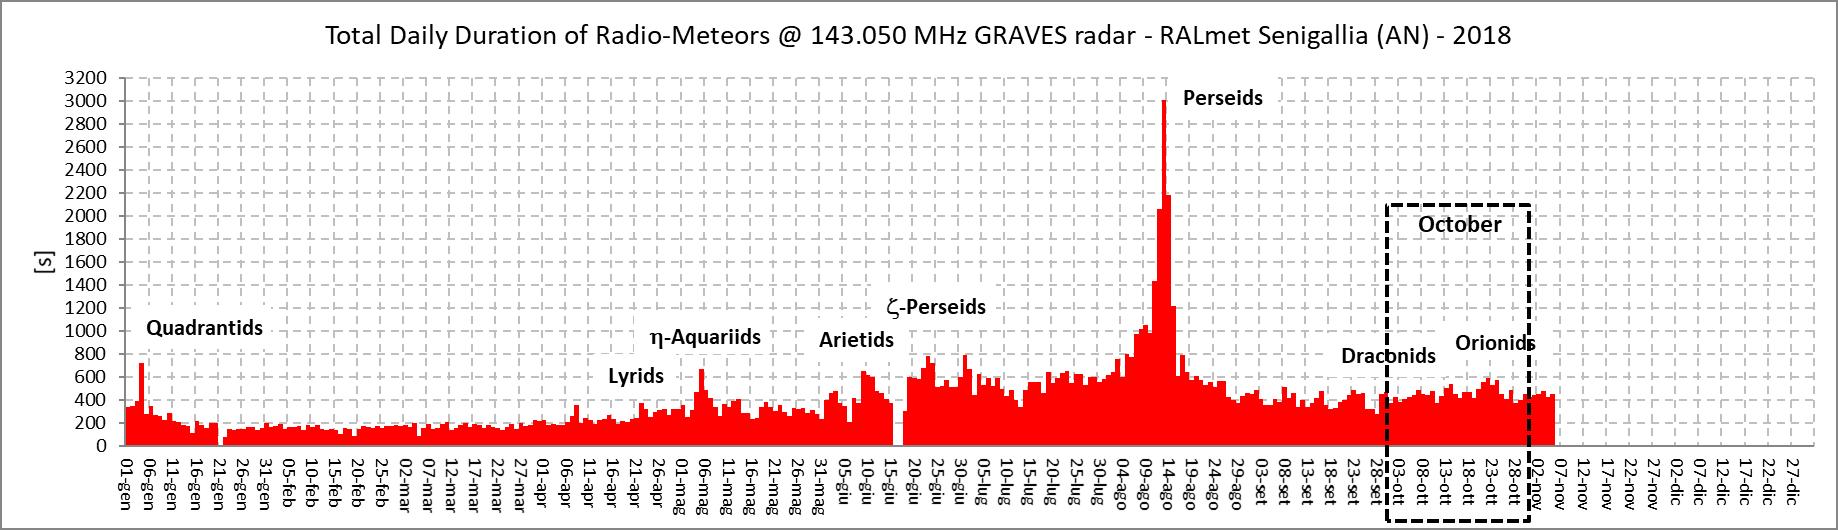 Anche la durata giornaliera dei radio-echi meteorici, proporzionale alla massa del materiale che è penetrato in atmosfera, è molto utile nell'individuare l'occorrenza e la durata dei principali sciami.